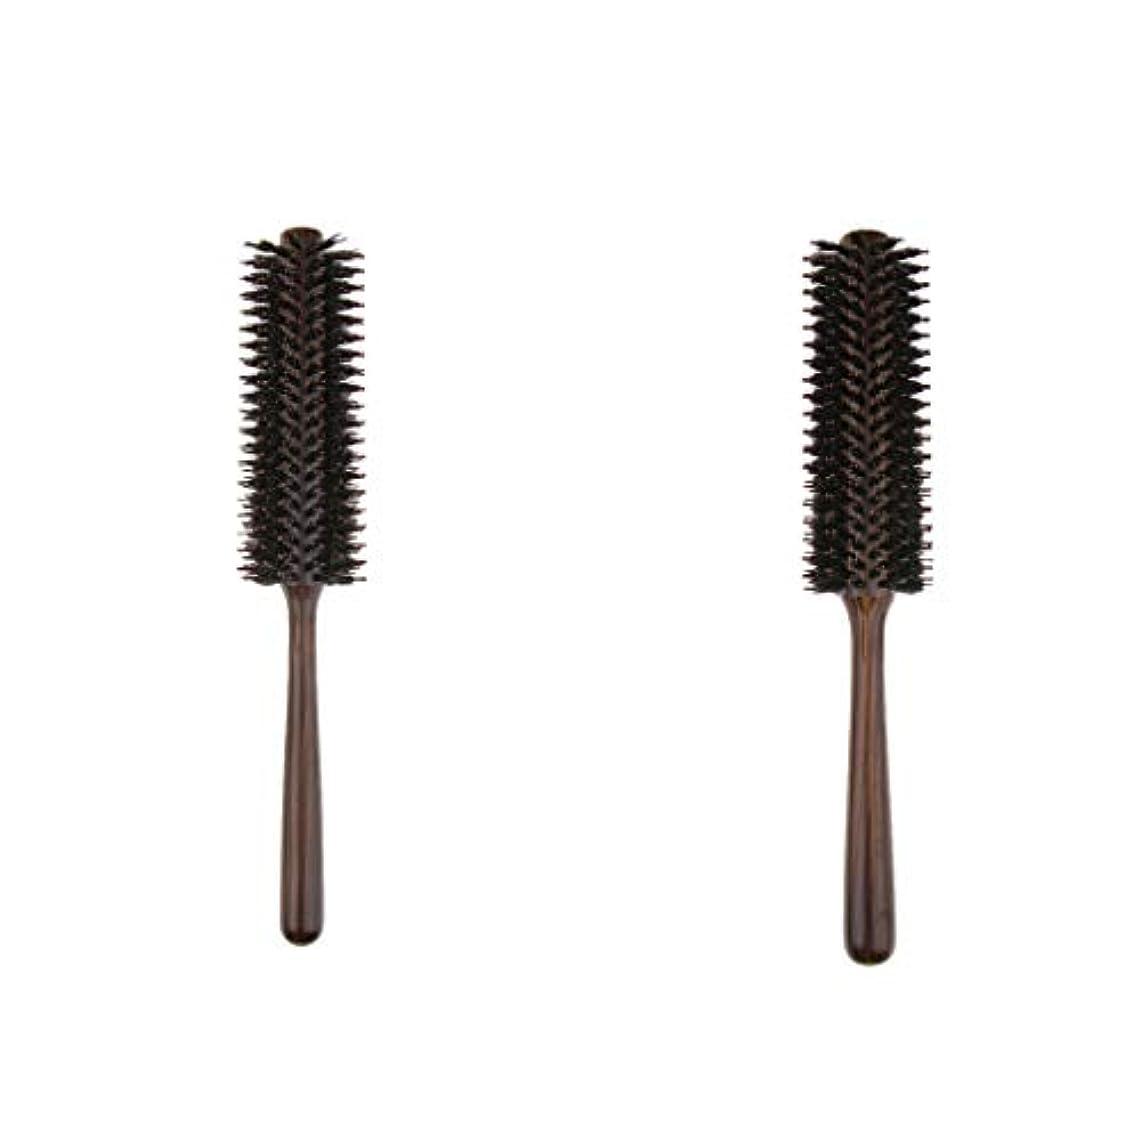 圧縮カメ眉2本 ヘアブラシ 木製櫛 ロールブラシ プロ 美容師用 自宅用